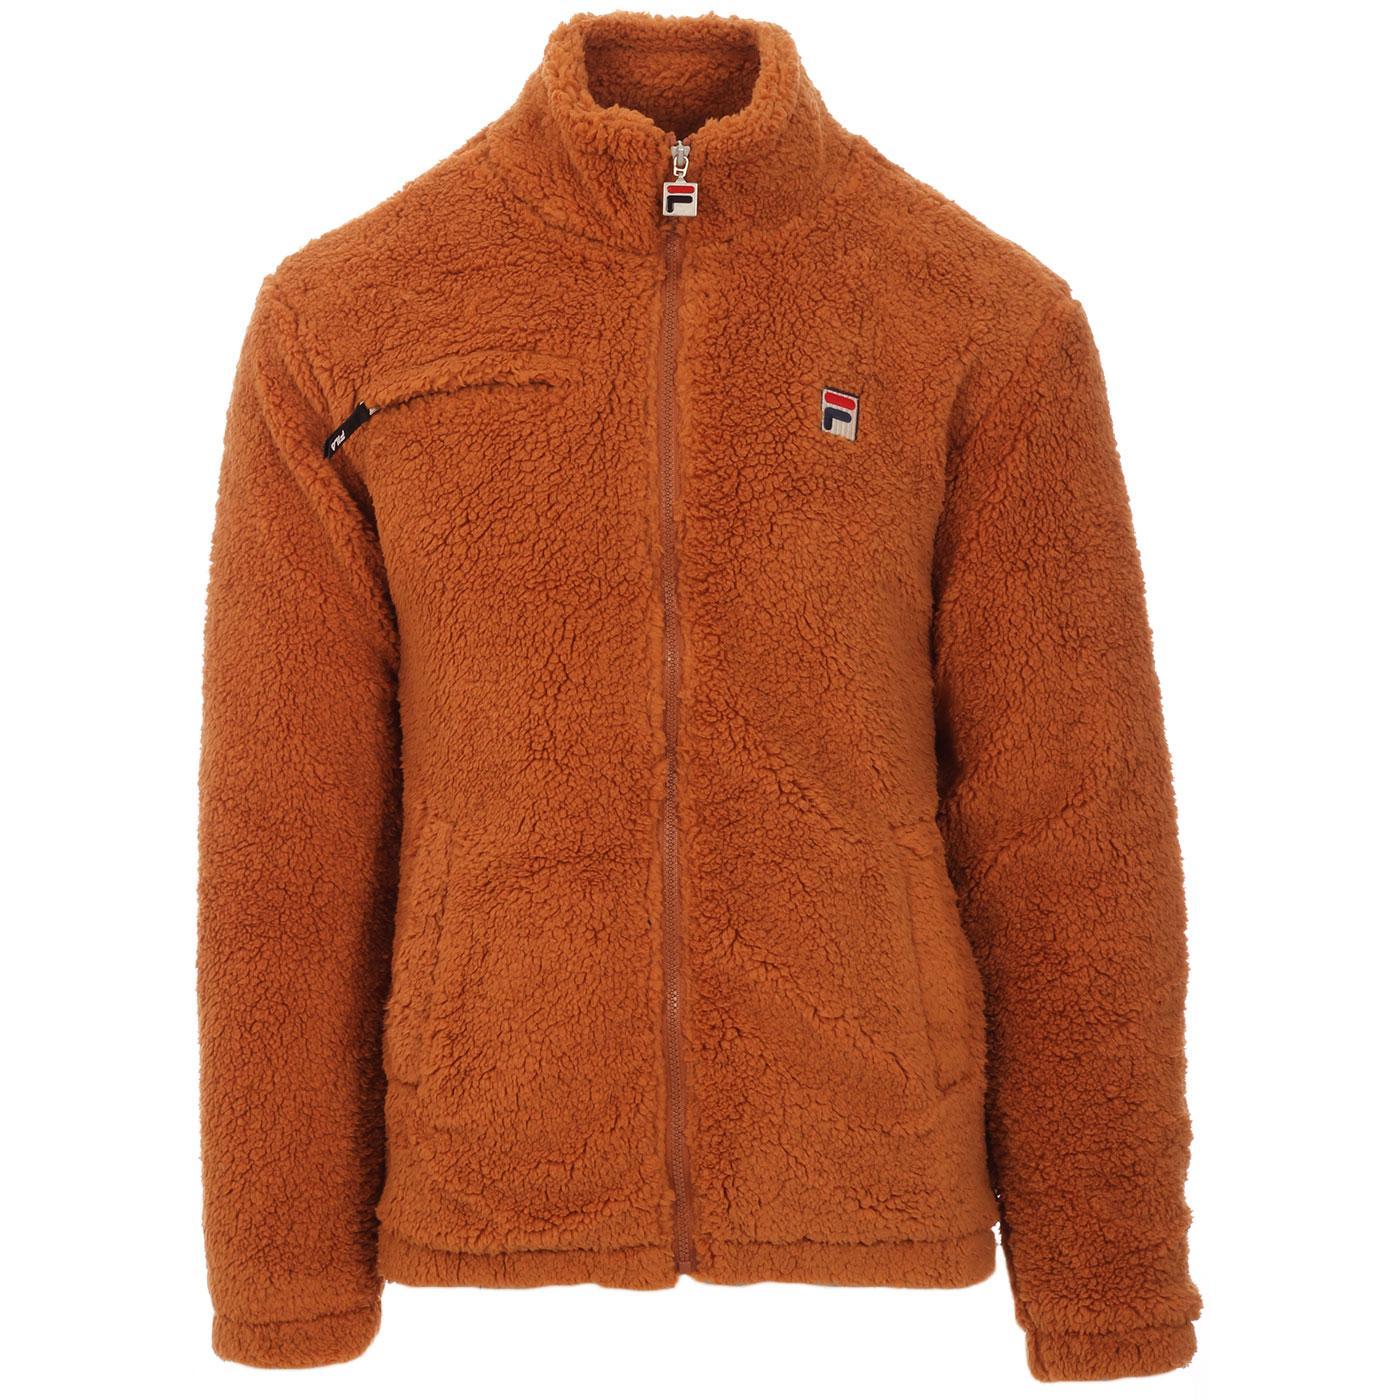 Bridgewater FILA VINTAGE Zip Up Fleece Jacket BRAN